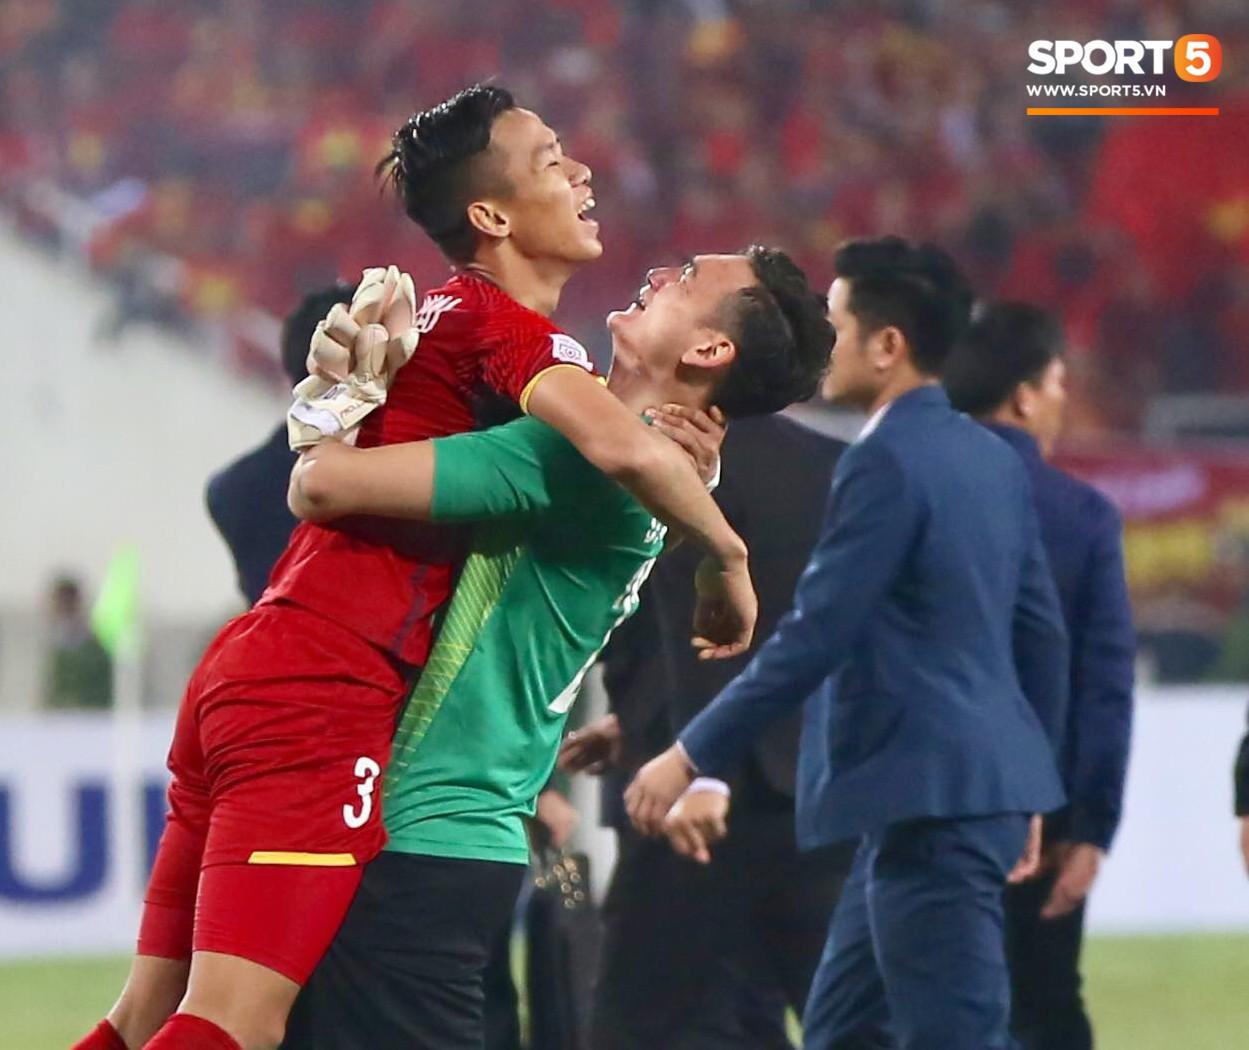 Vô địch AFF Cup 2018, thủ thành Văn Lâm bật khóc rưng rức khi ăn mừng cùng Quế Ngọc Hải 5